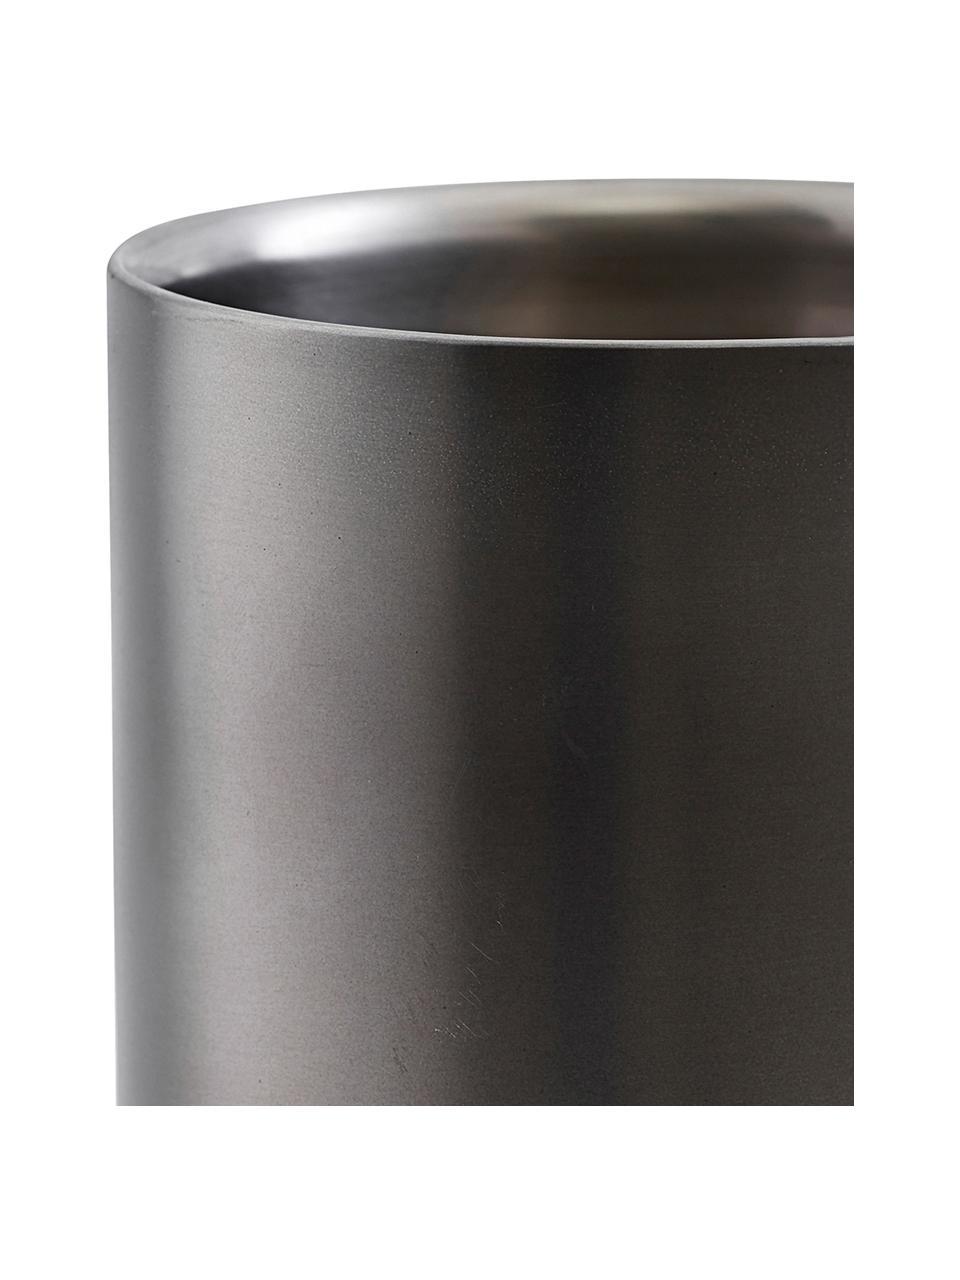 Refrigeratore bottiglie antracite opaco Gunmetal, Acciaio inossidabile rivestito, Antracite, Ø 12 x Alt. 20 cm